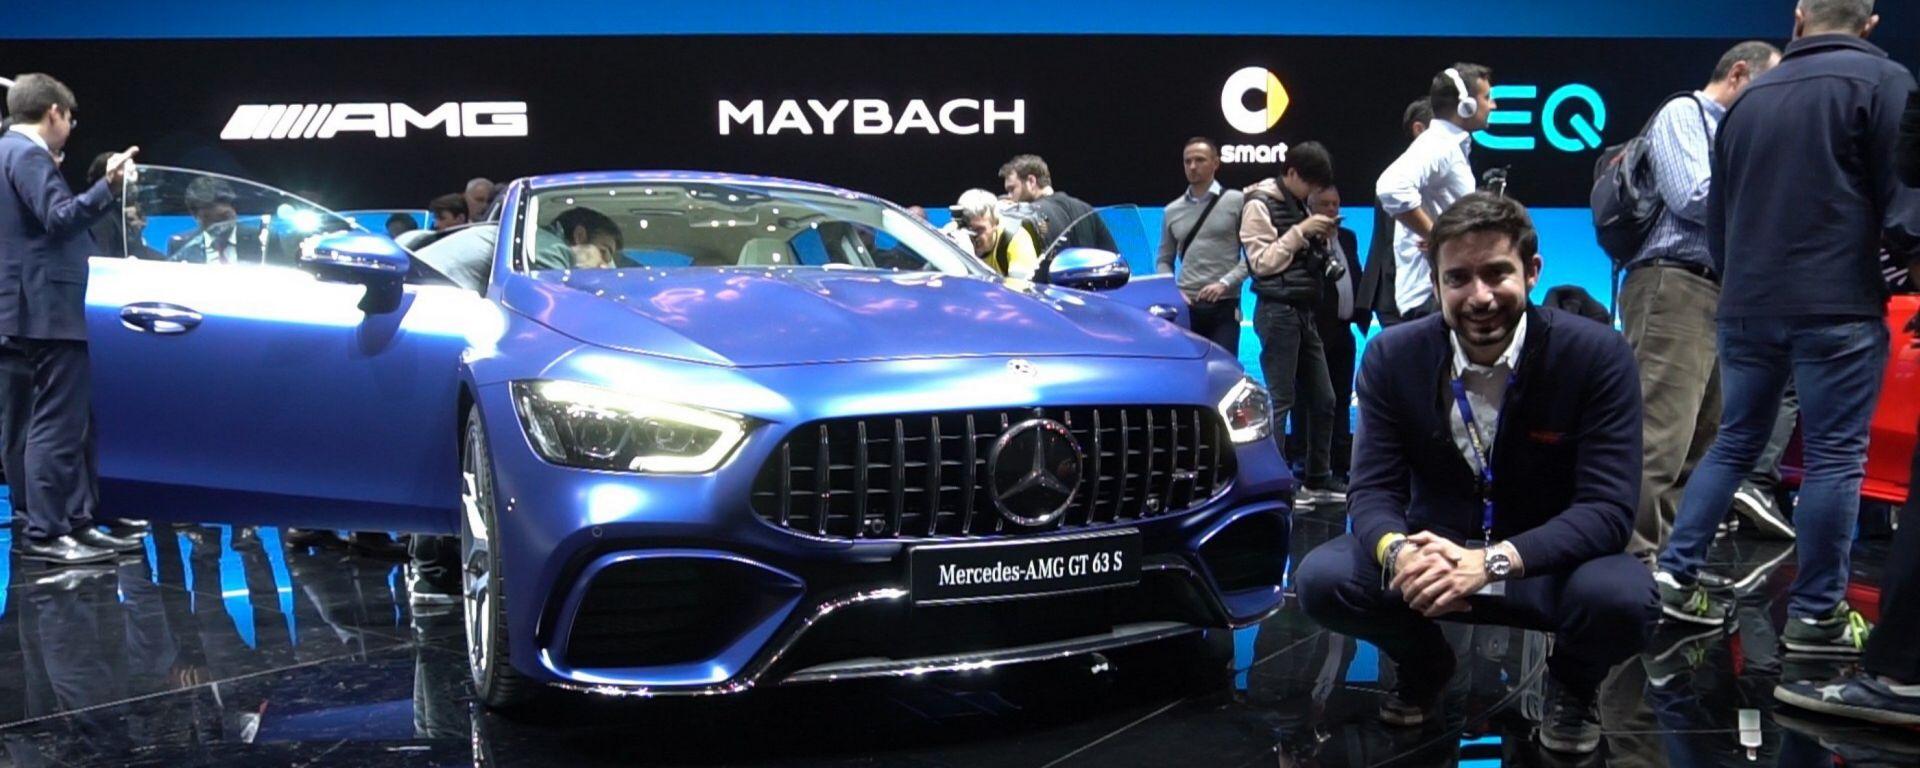 Mercedes AMG GT Coupè4: in video dal Salone di Ginevra 2018